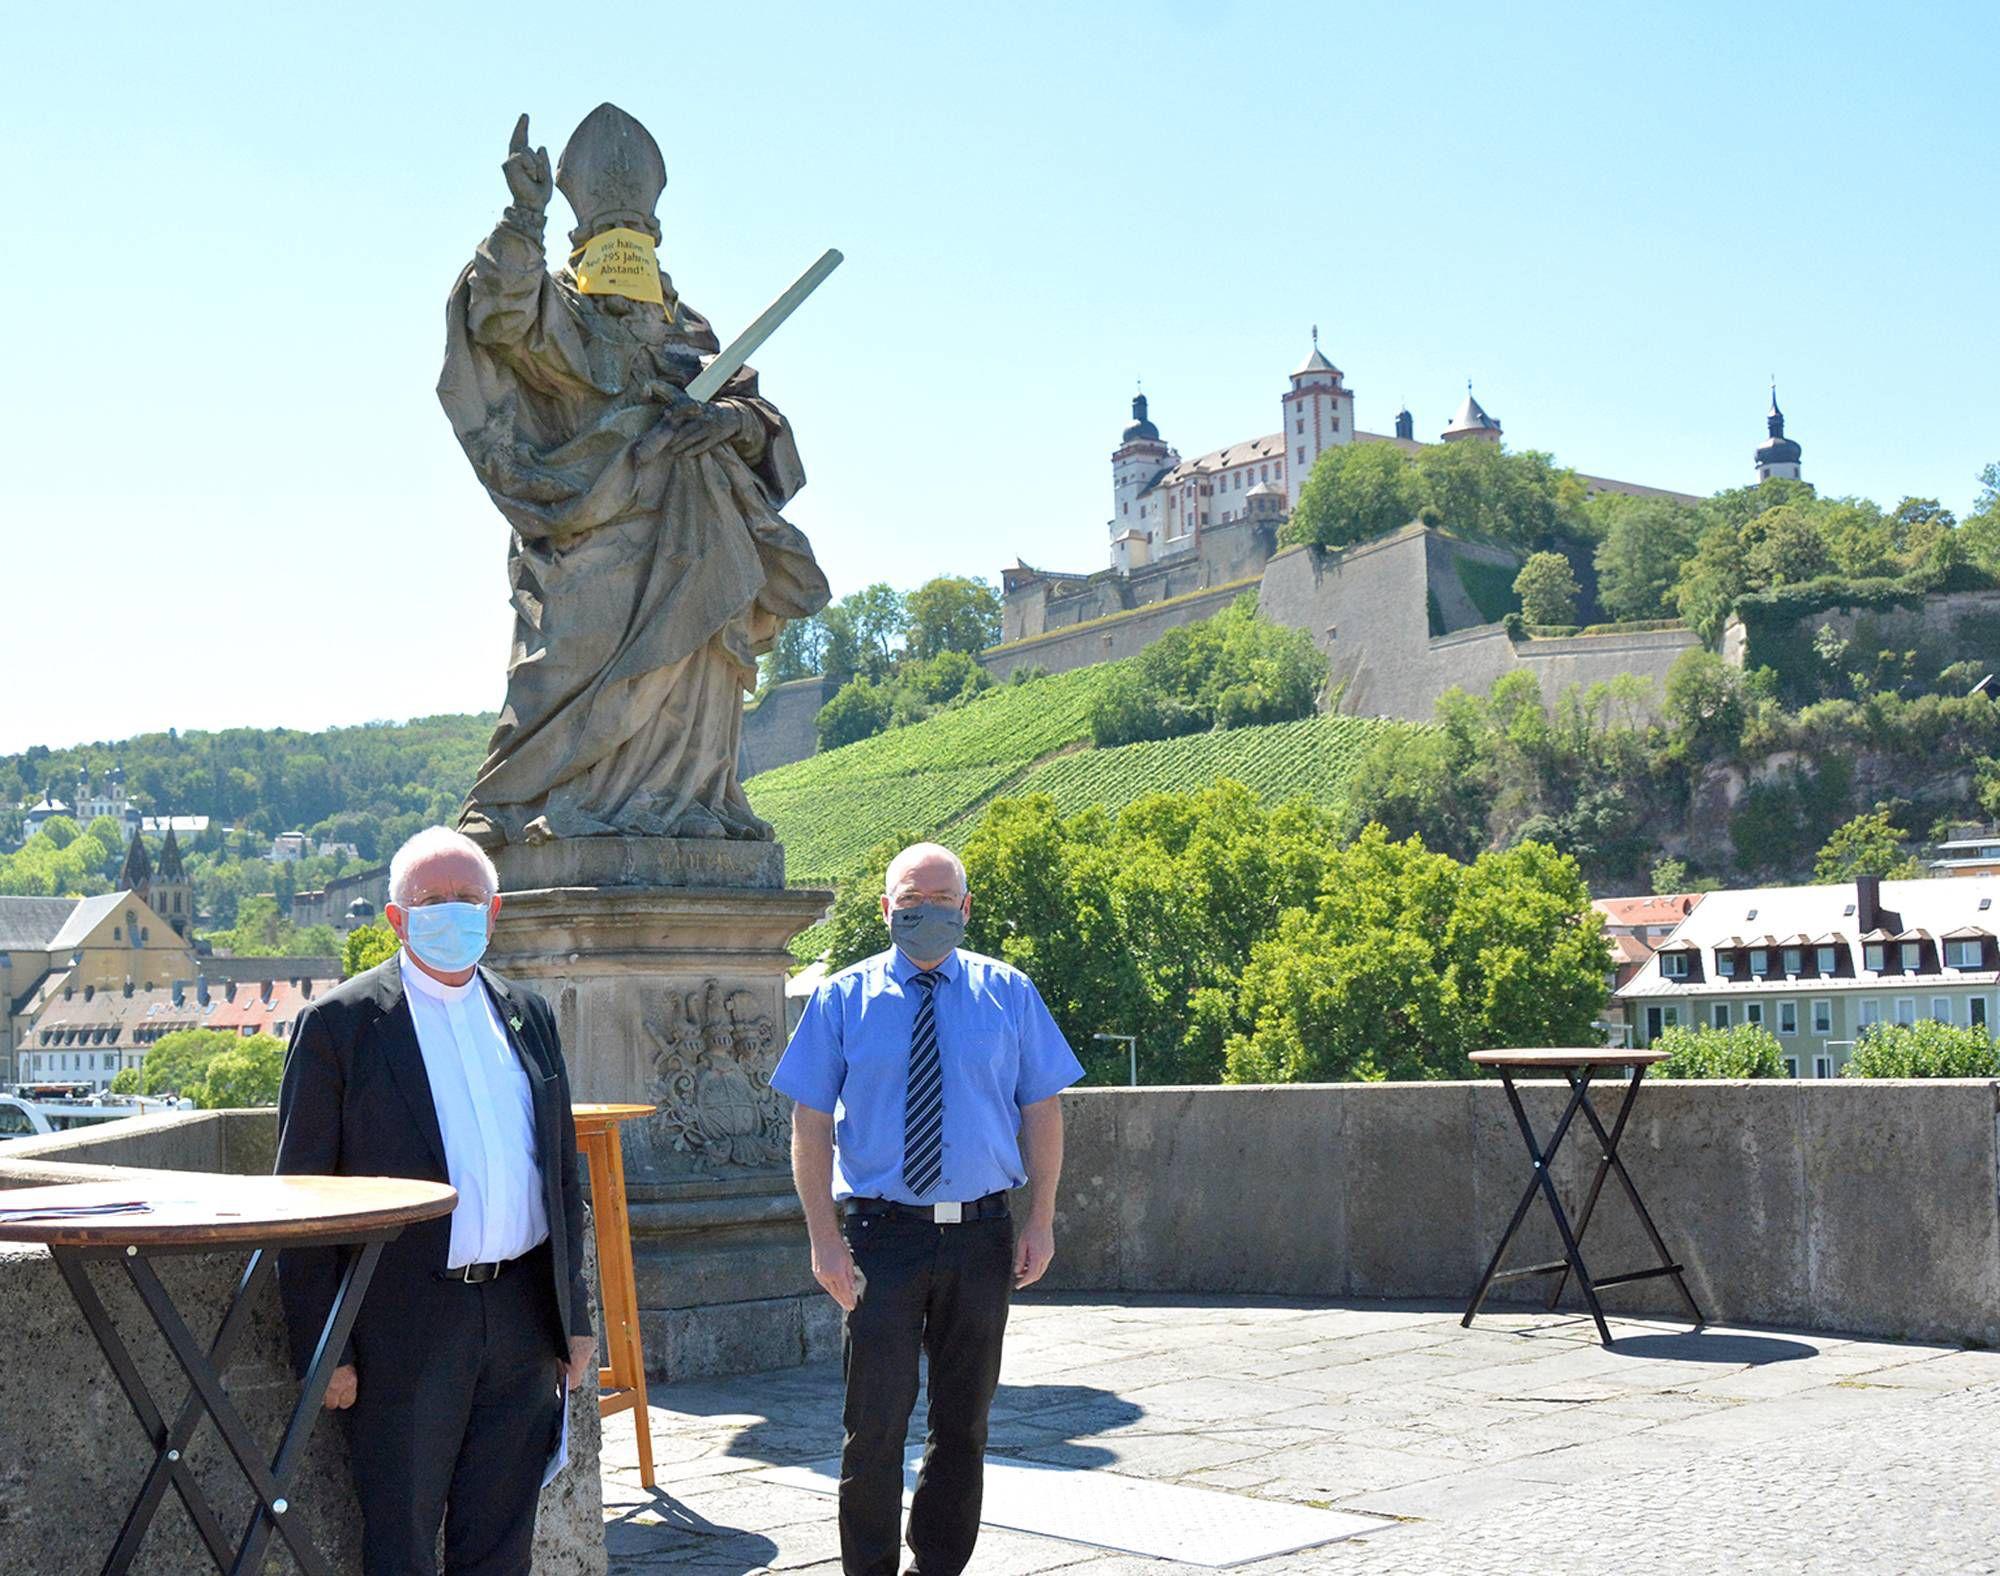 Weihbischof Ulrich Boom (links) und Kommunalreferent Wolfgang Kleiner appellieren vor dem heiligen Kilian an die Menschen, mit Abstand achtsam zu sein und die Nächsten zu schützen.